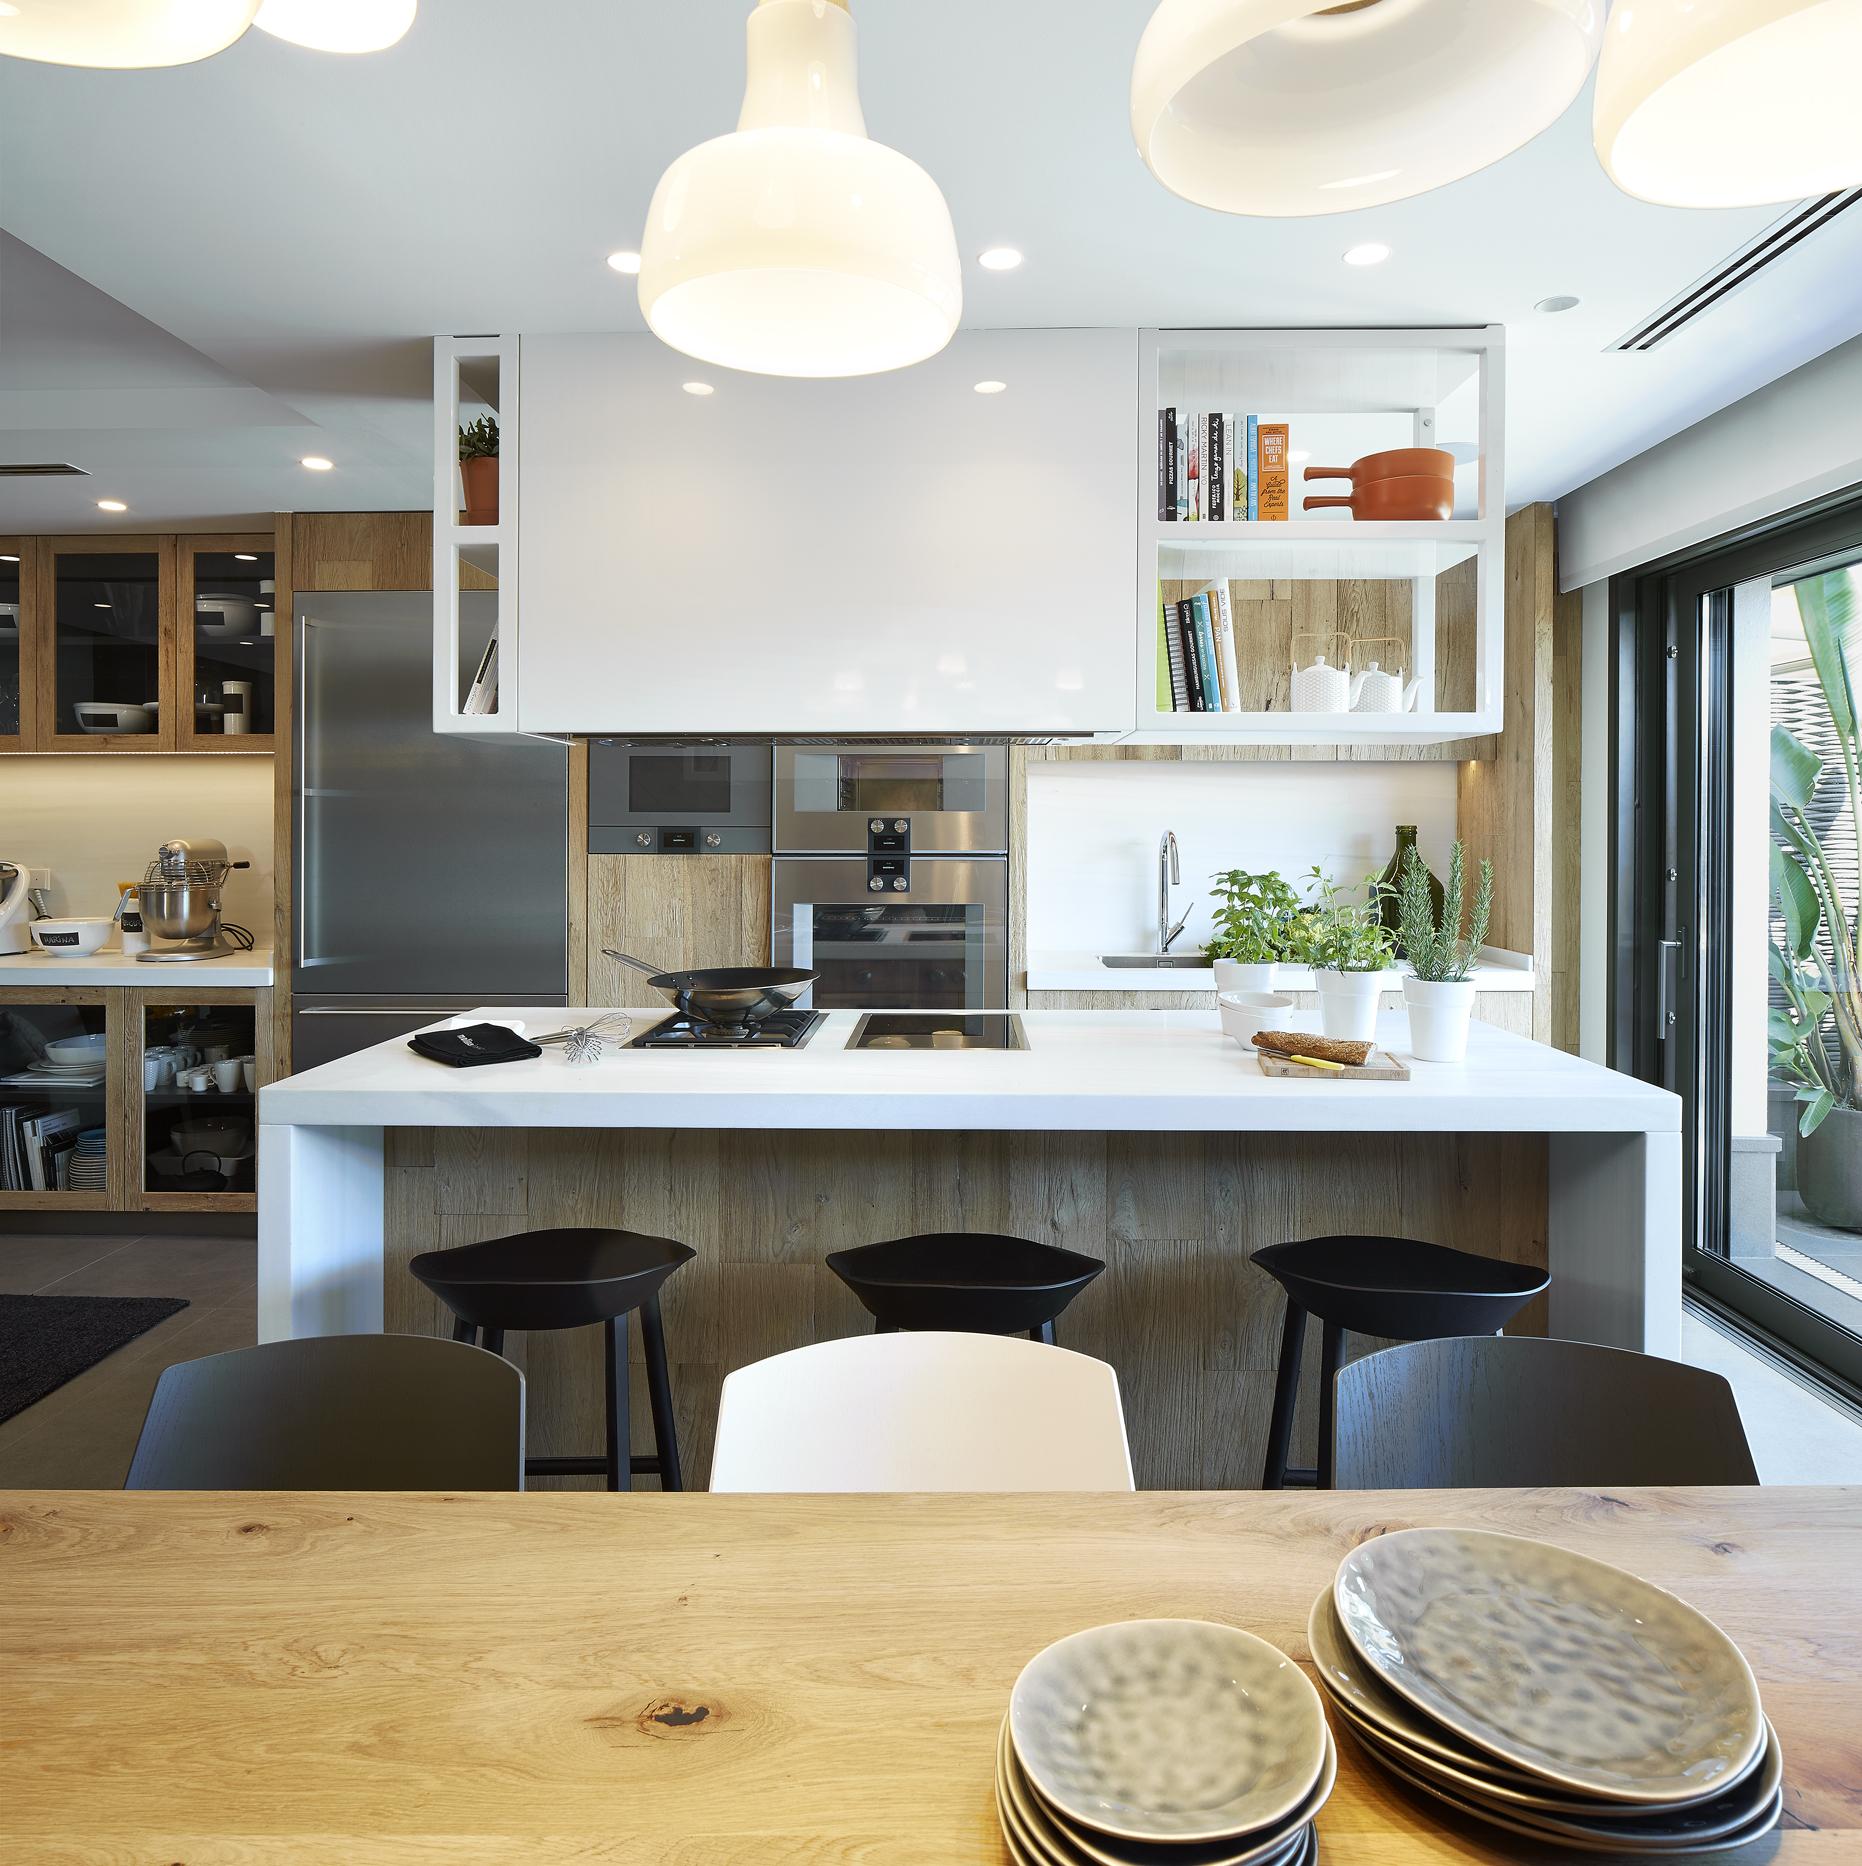 Taburete Casa.Casa Mi D Vilasar 22 Enen Loxone Smart Home